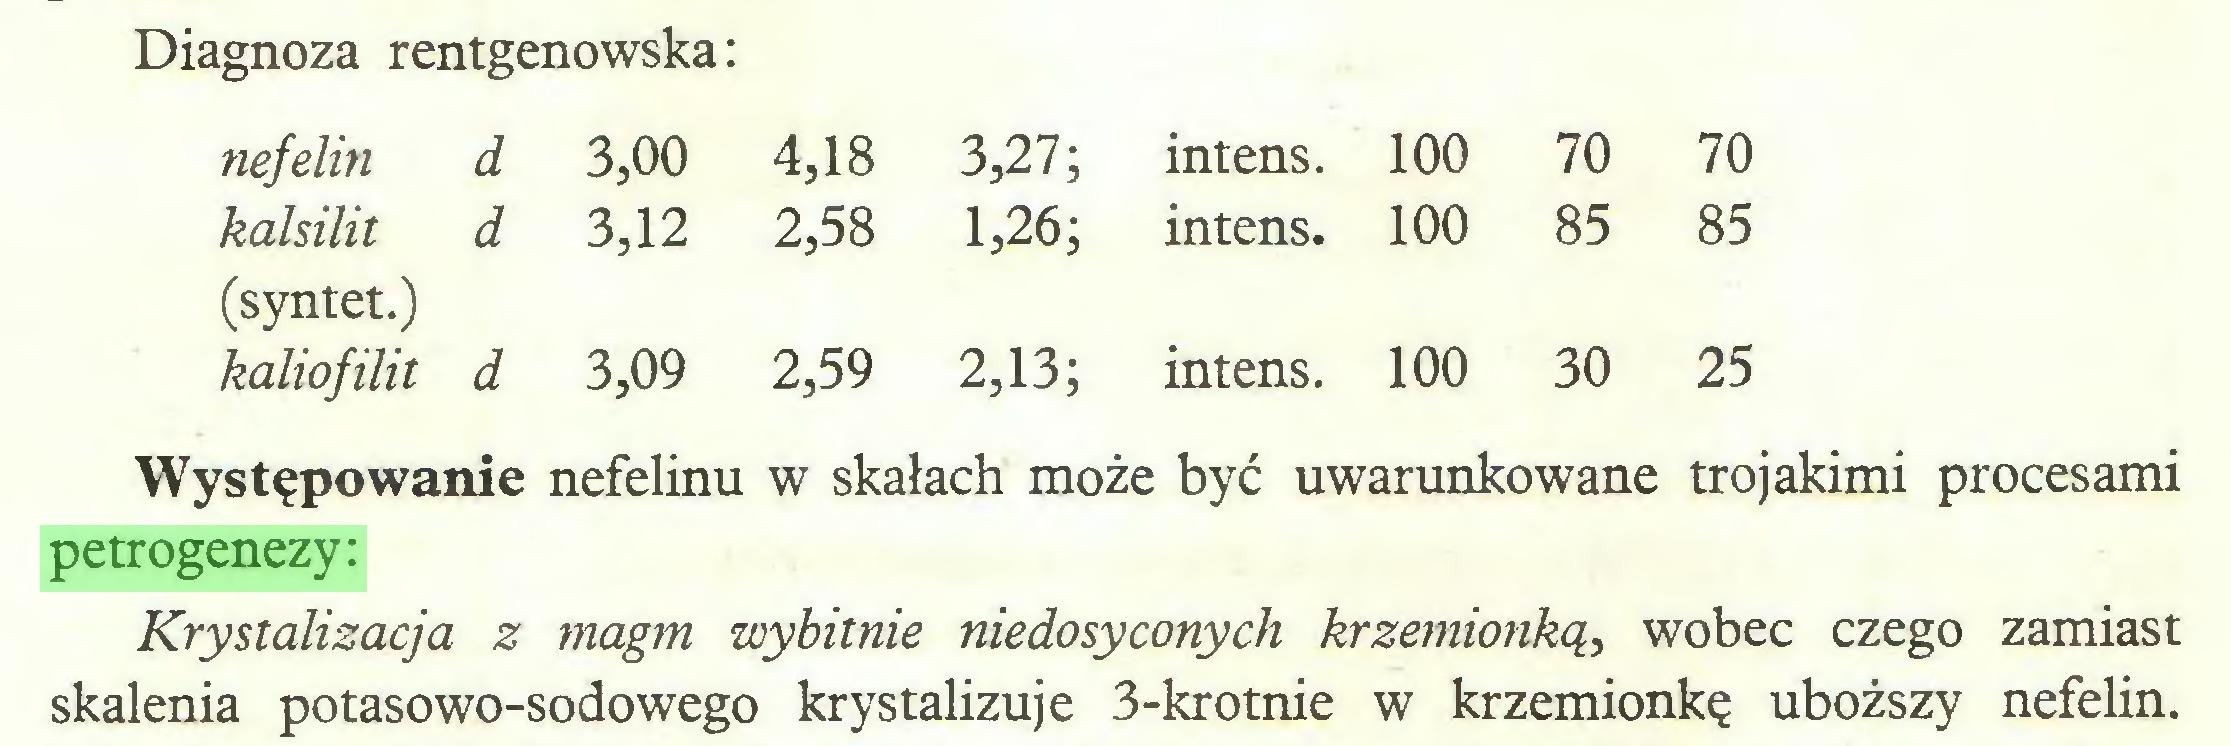 (...) Diagnoza rentgenowska: nefelin d 3,00 4,18 3,27; intens. 100 70 70 kalsilit d 3,12 2,58 1,26; intens. 100 85 85 (syntet.) kaliofilit d 3,09 2,59 2,13; intens. 100 30 25 Występowanie nefelinu w skałach może być uwarunkowane trojakimi procesami petrogenezy: Krystalizacja z magm wybitnie niedosyconych krzemionką, wobec czego zamiast skalenia potasowo-sodowego krystalizuje 3-krotnie w krzemionkę uboższy nefelin...